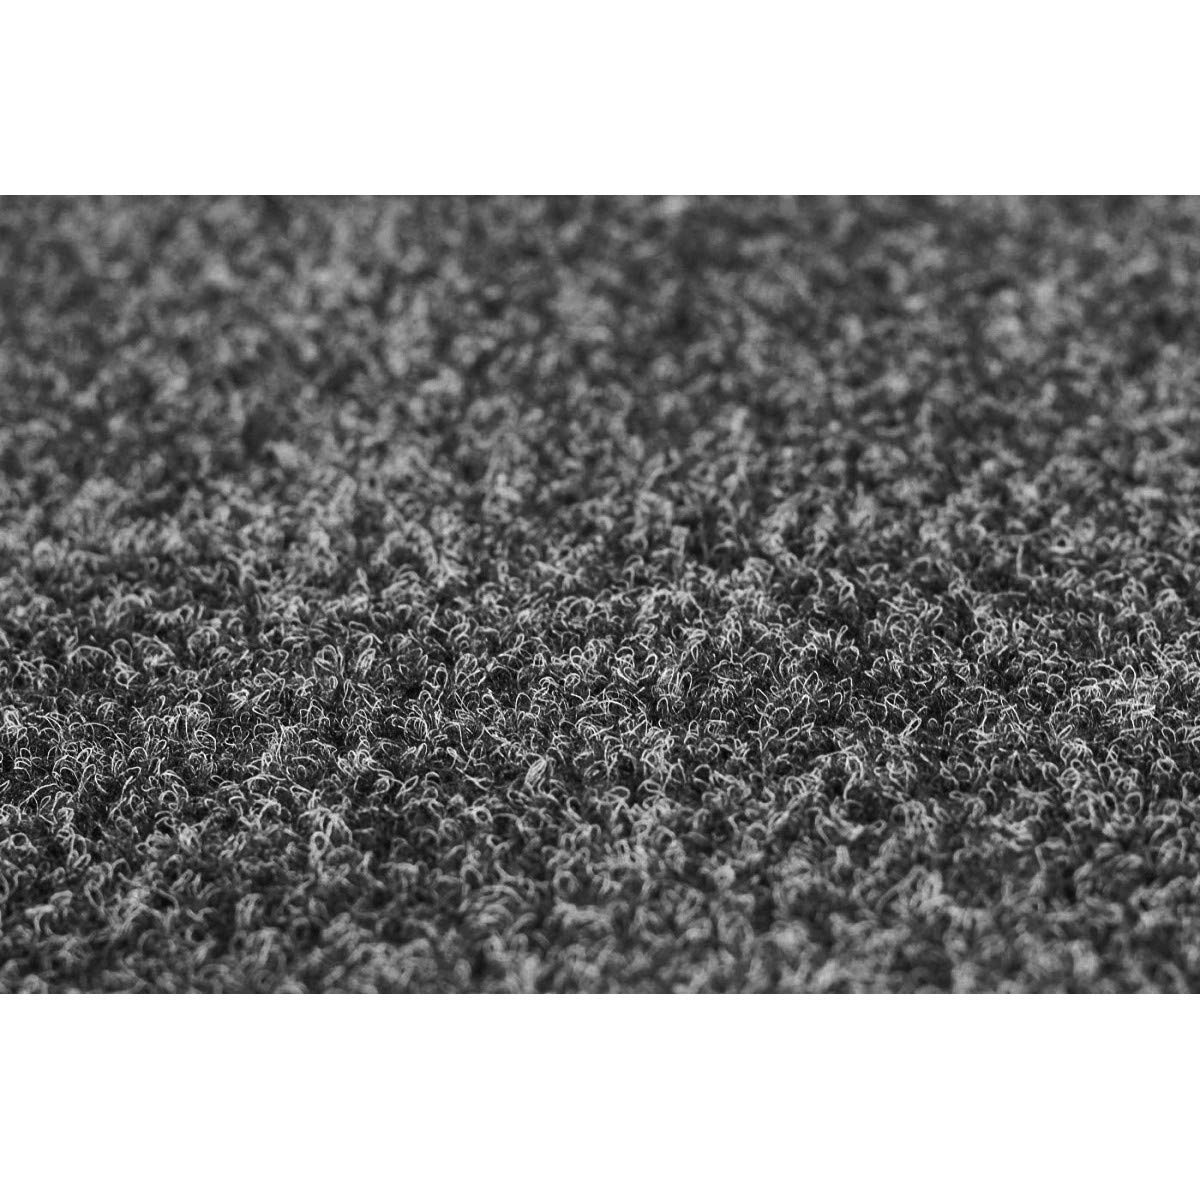 Rasenteppich Rasenteppich Rasenteppich Kunstrasen mit Noppen 1.550 g m² - Rot Blau Grau Braun Beige oder Anthrazit   Nadelfilz Meterware   wasserdurchlässig   Balkon Terrasse Camping, Farbe Anthrazit, Größe 400 x 150 cm B00IACS8M2 Teppiche ec7866